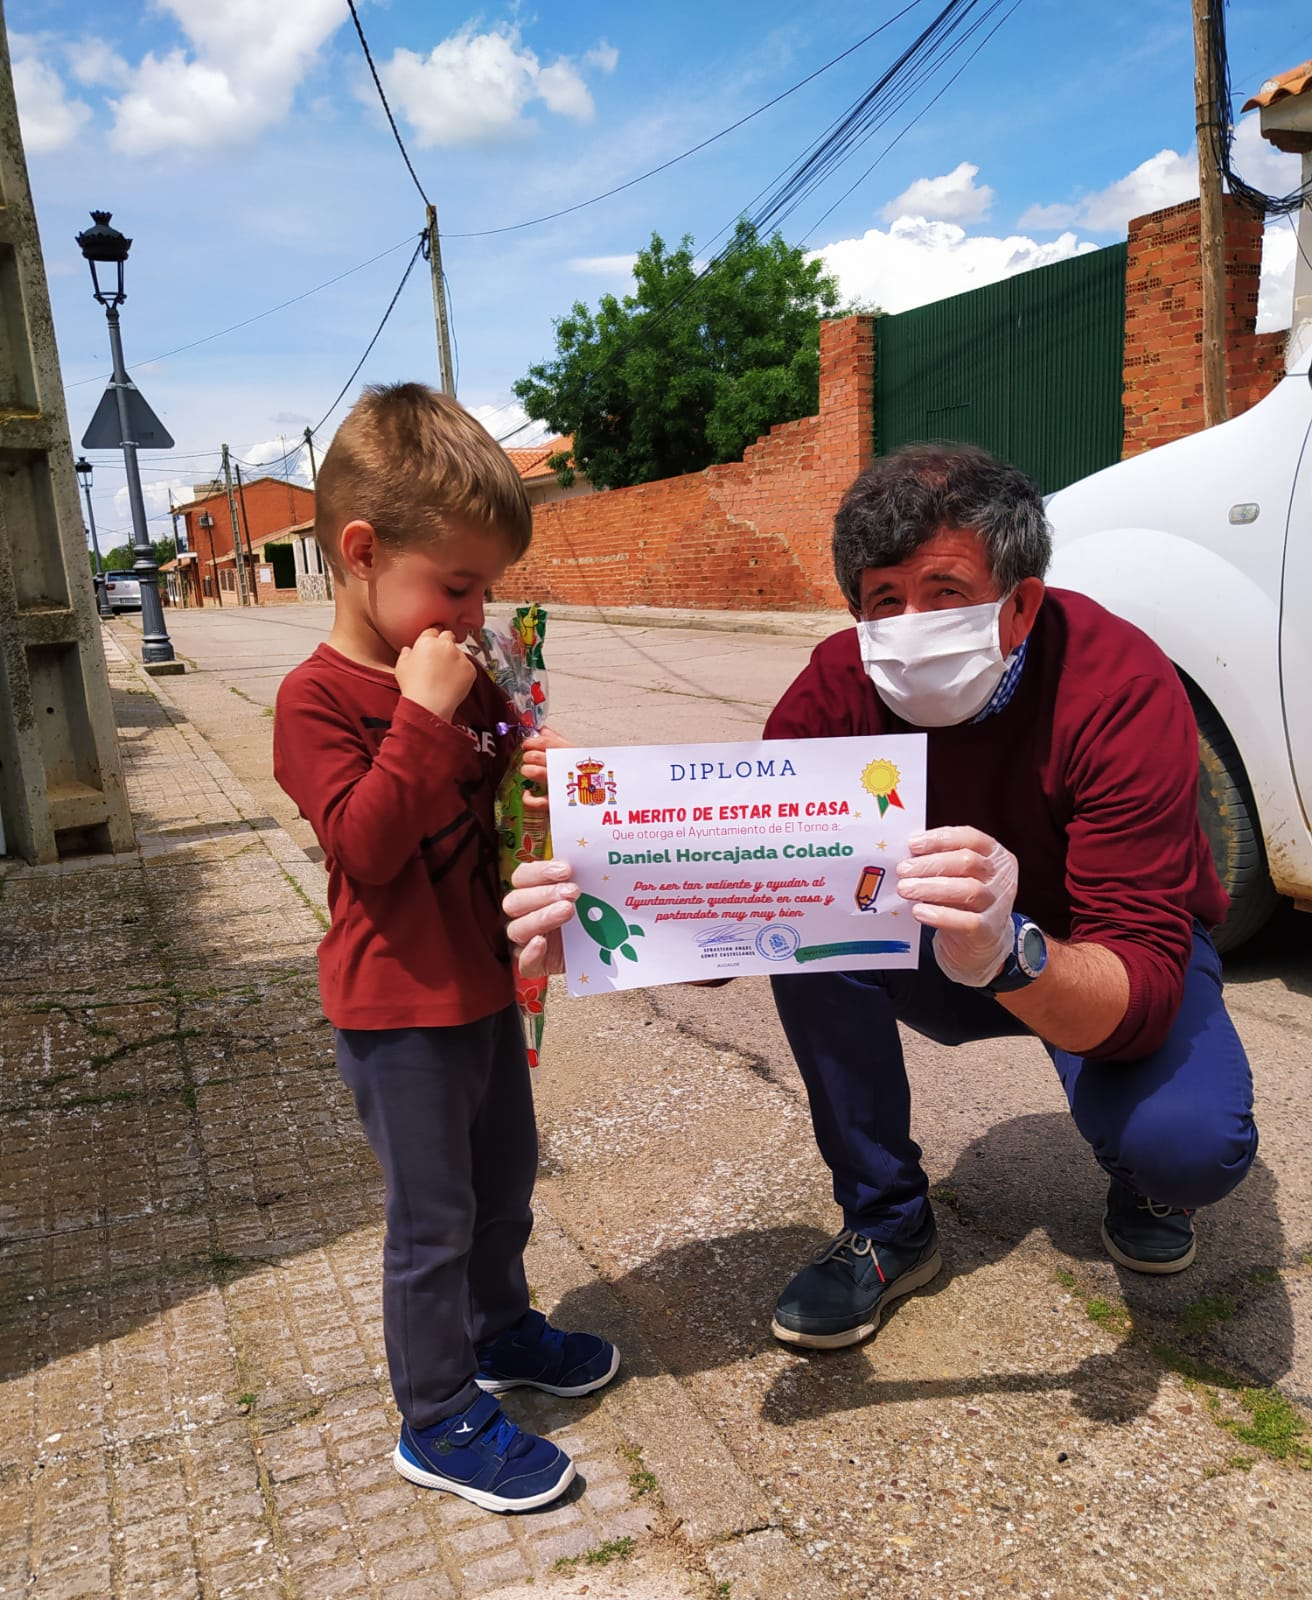 El alcalde de El Torno agradece a los niños su colaboración en la lucha contra el coronavirus 12